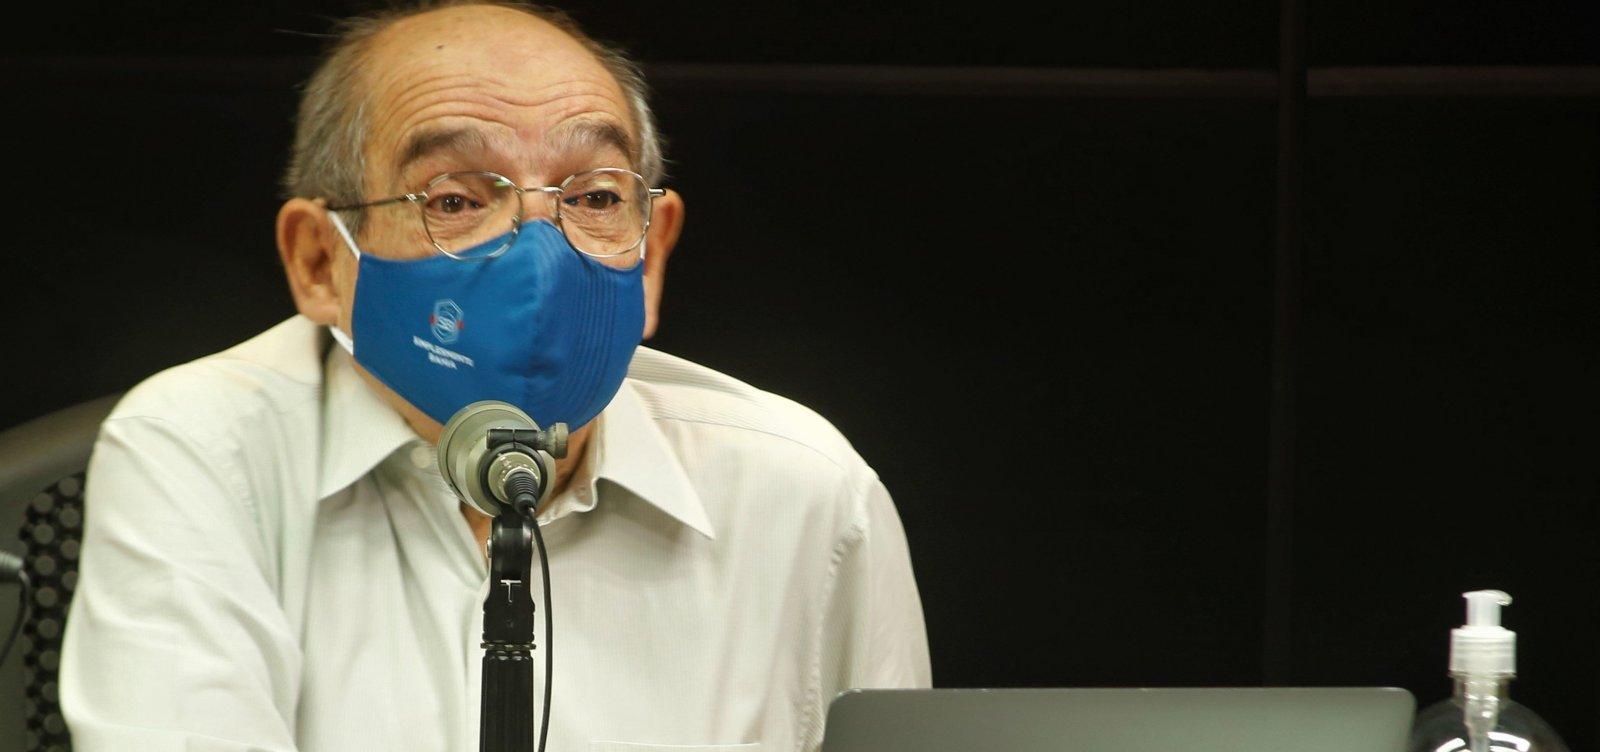 [MK questiona posição do DEM diante de possível apoio a Bolsonaro; ouça]